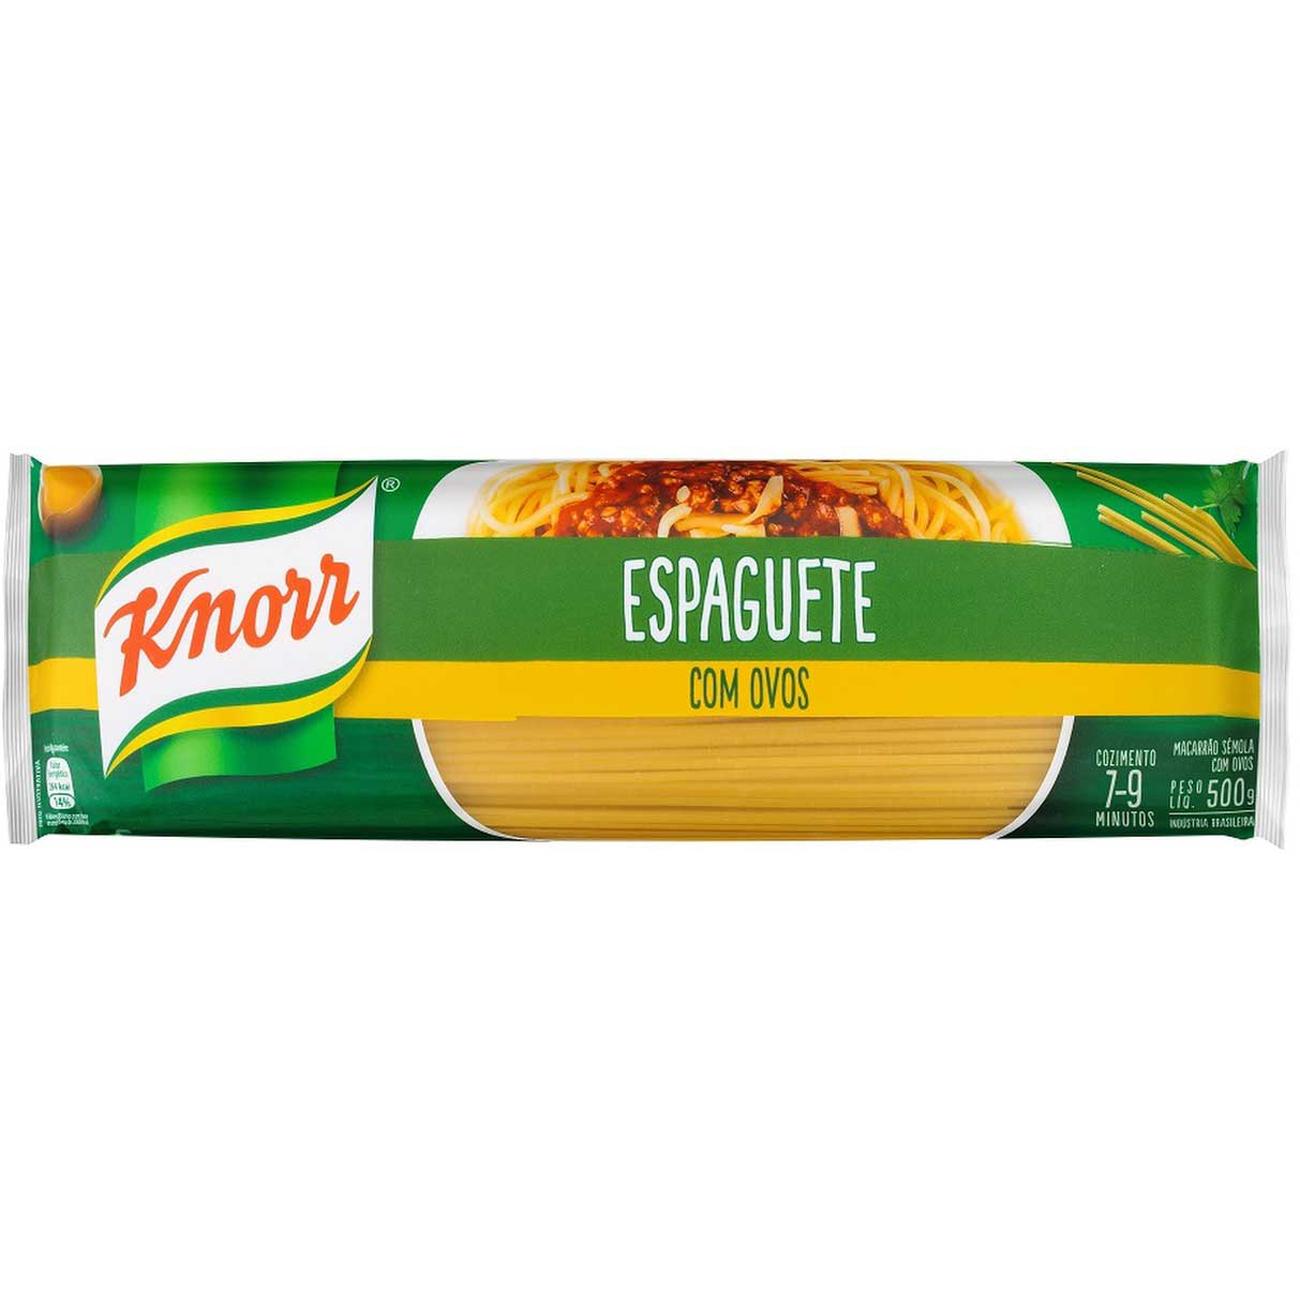 Macarrao Knorr Com Ovos Espaguete 500G